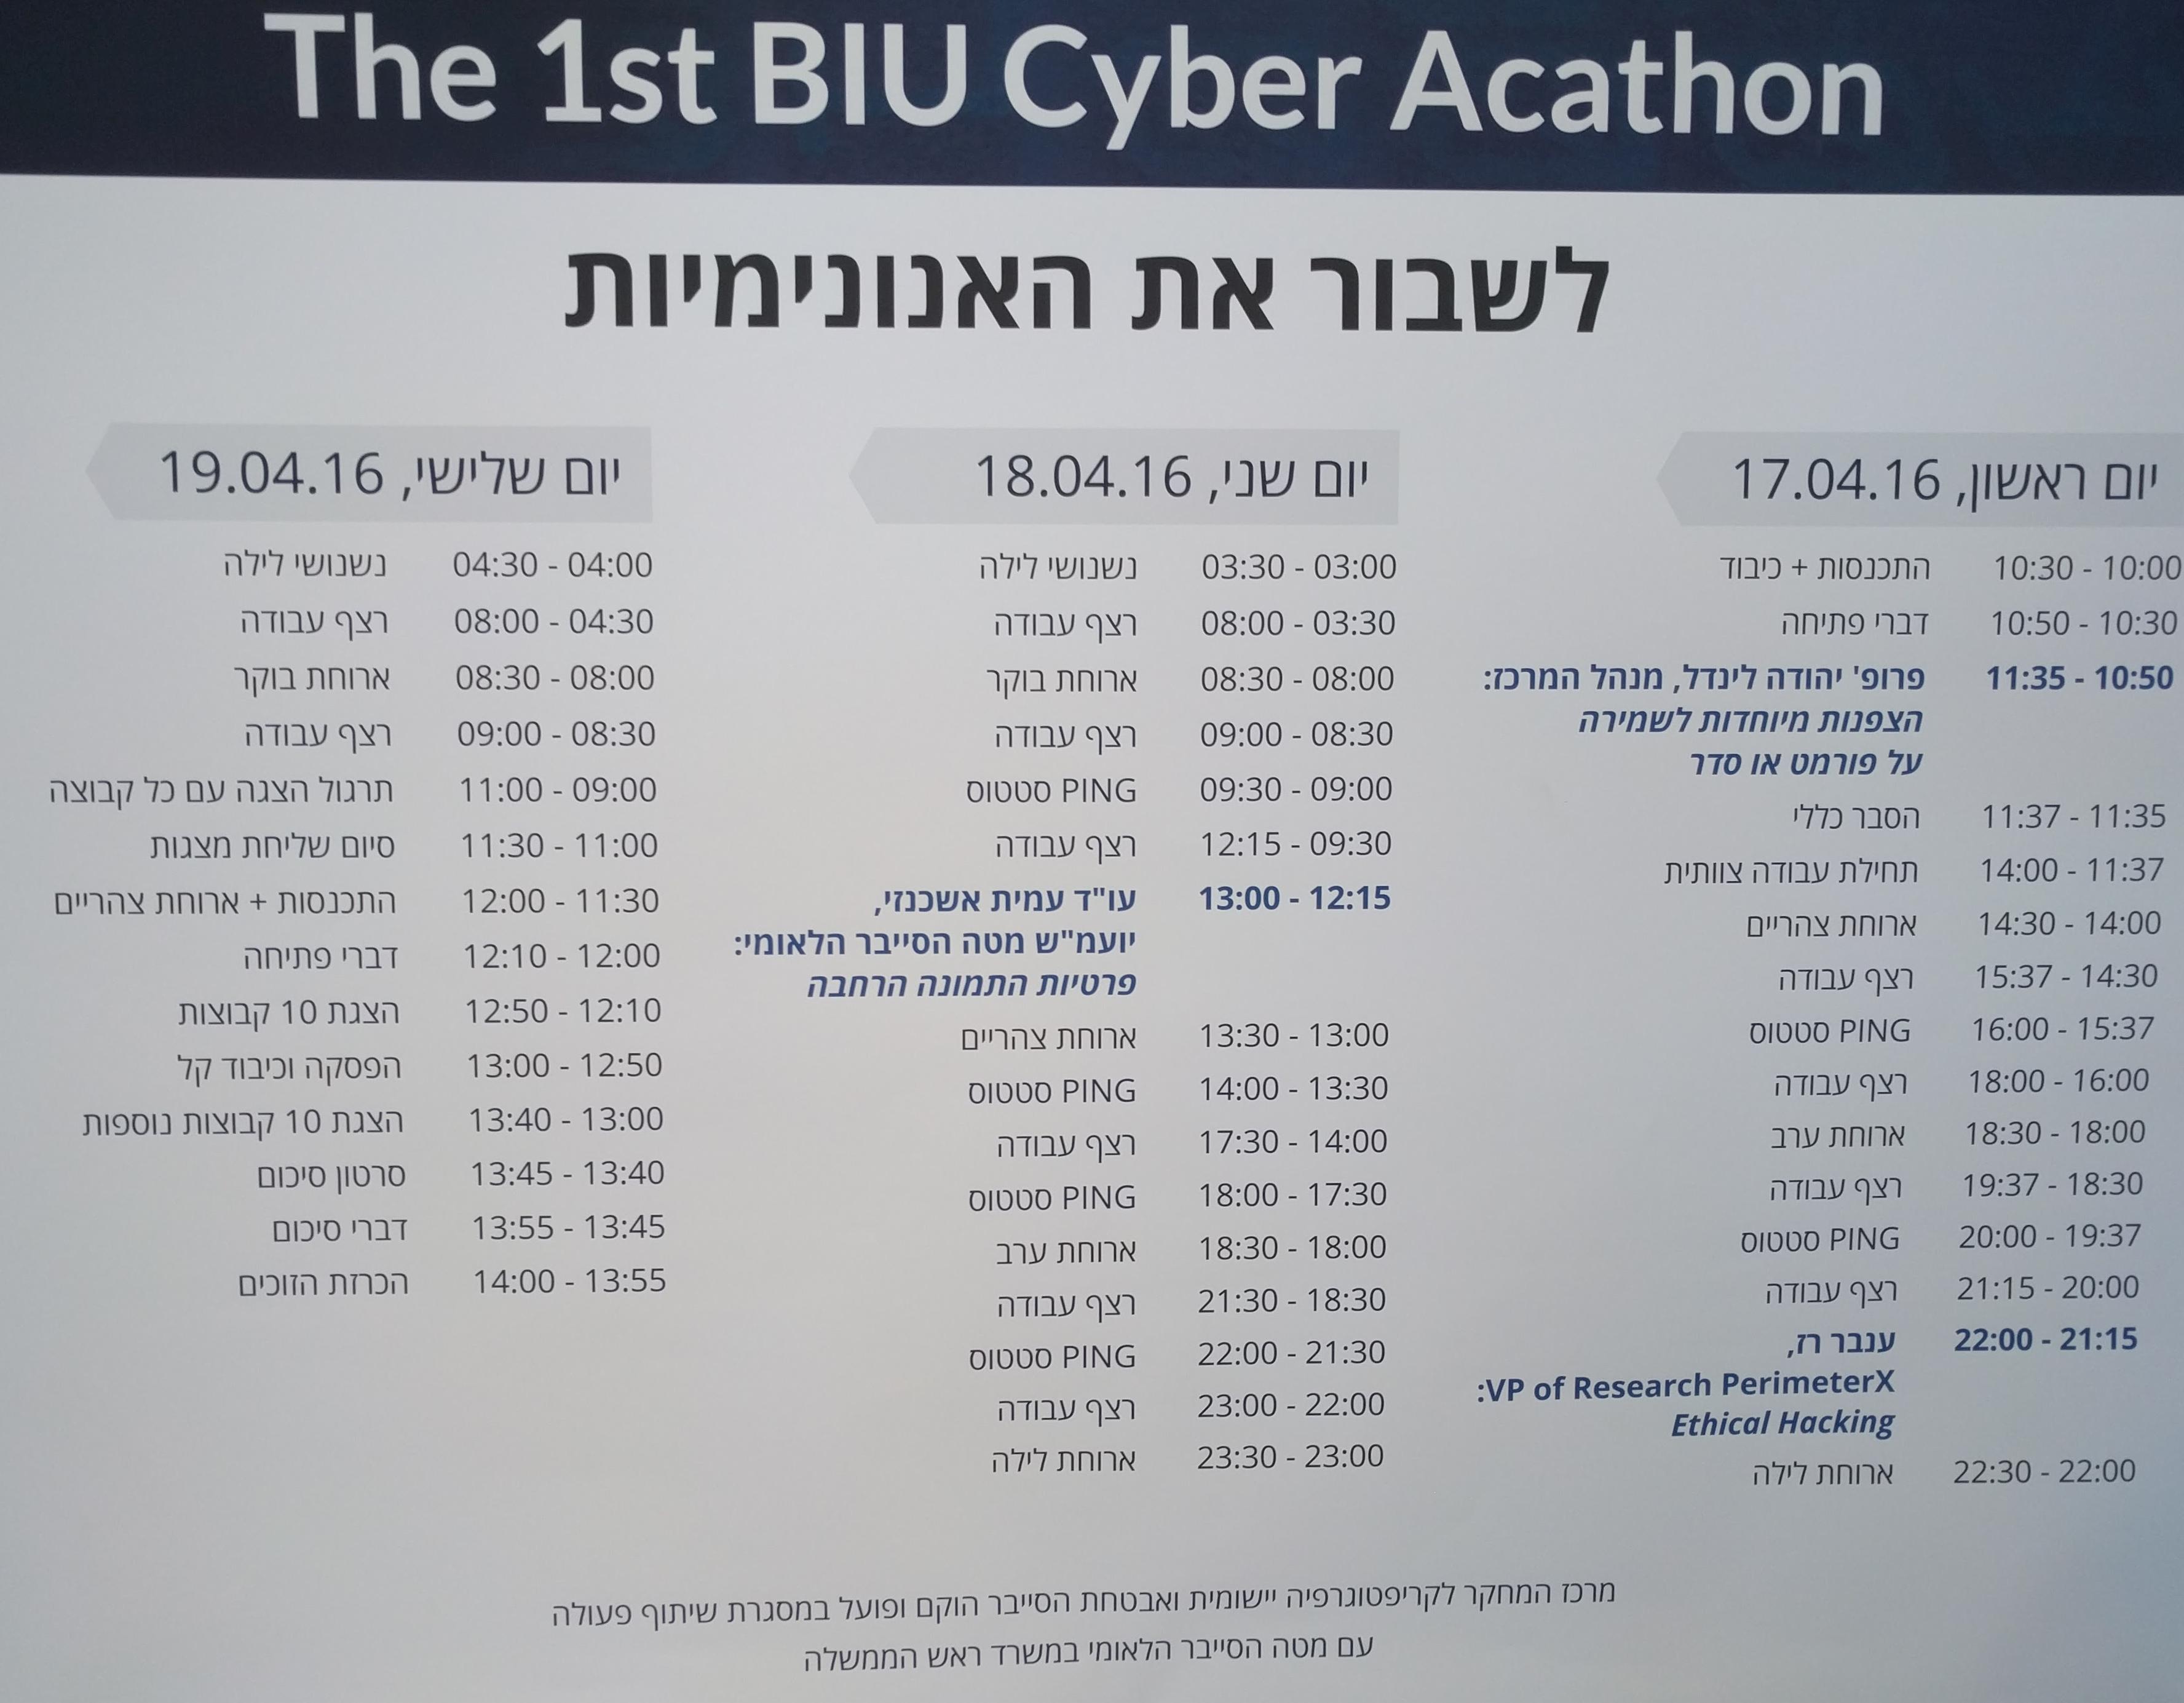 BIU Cyber 3 days